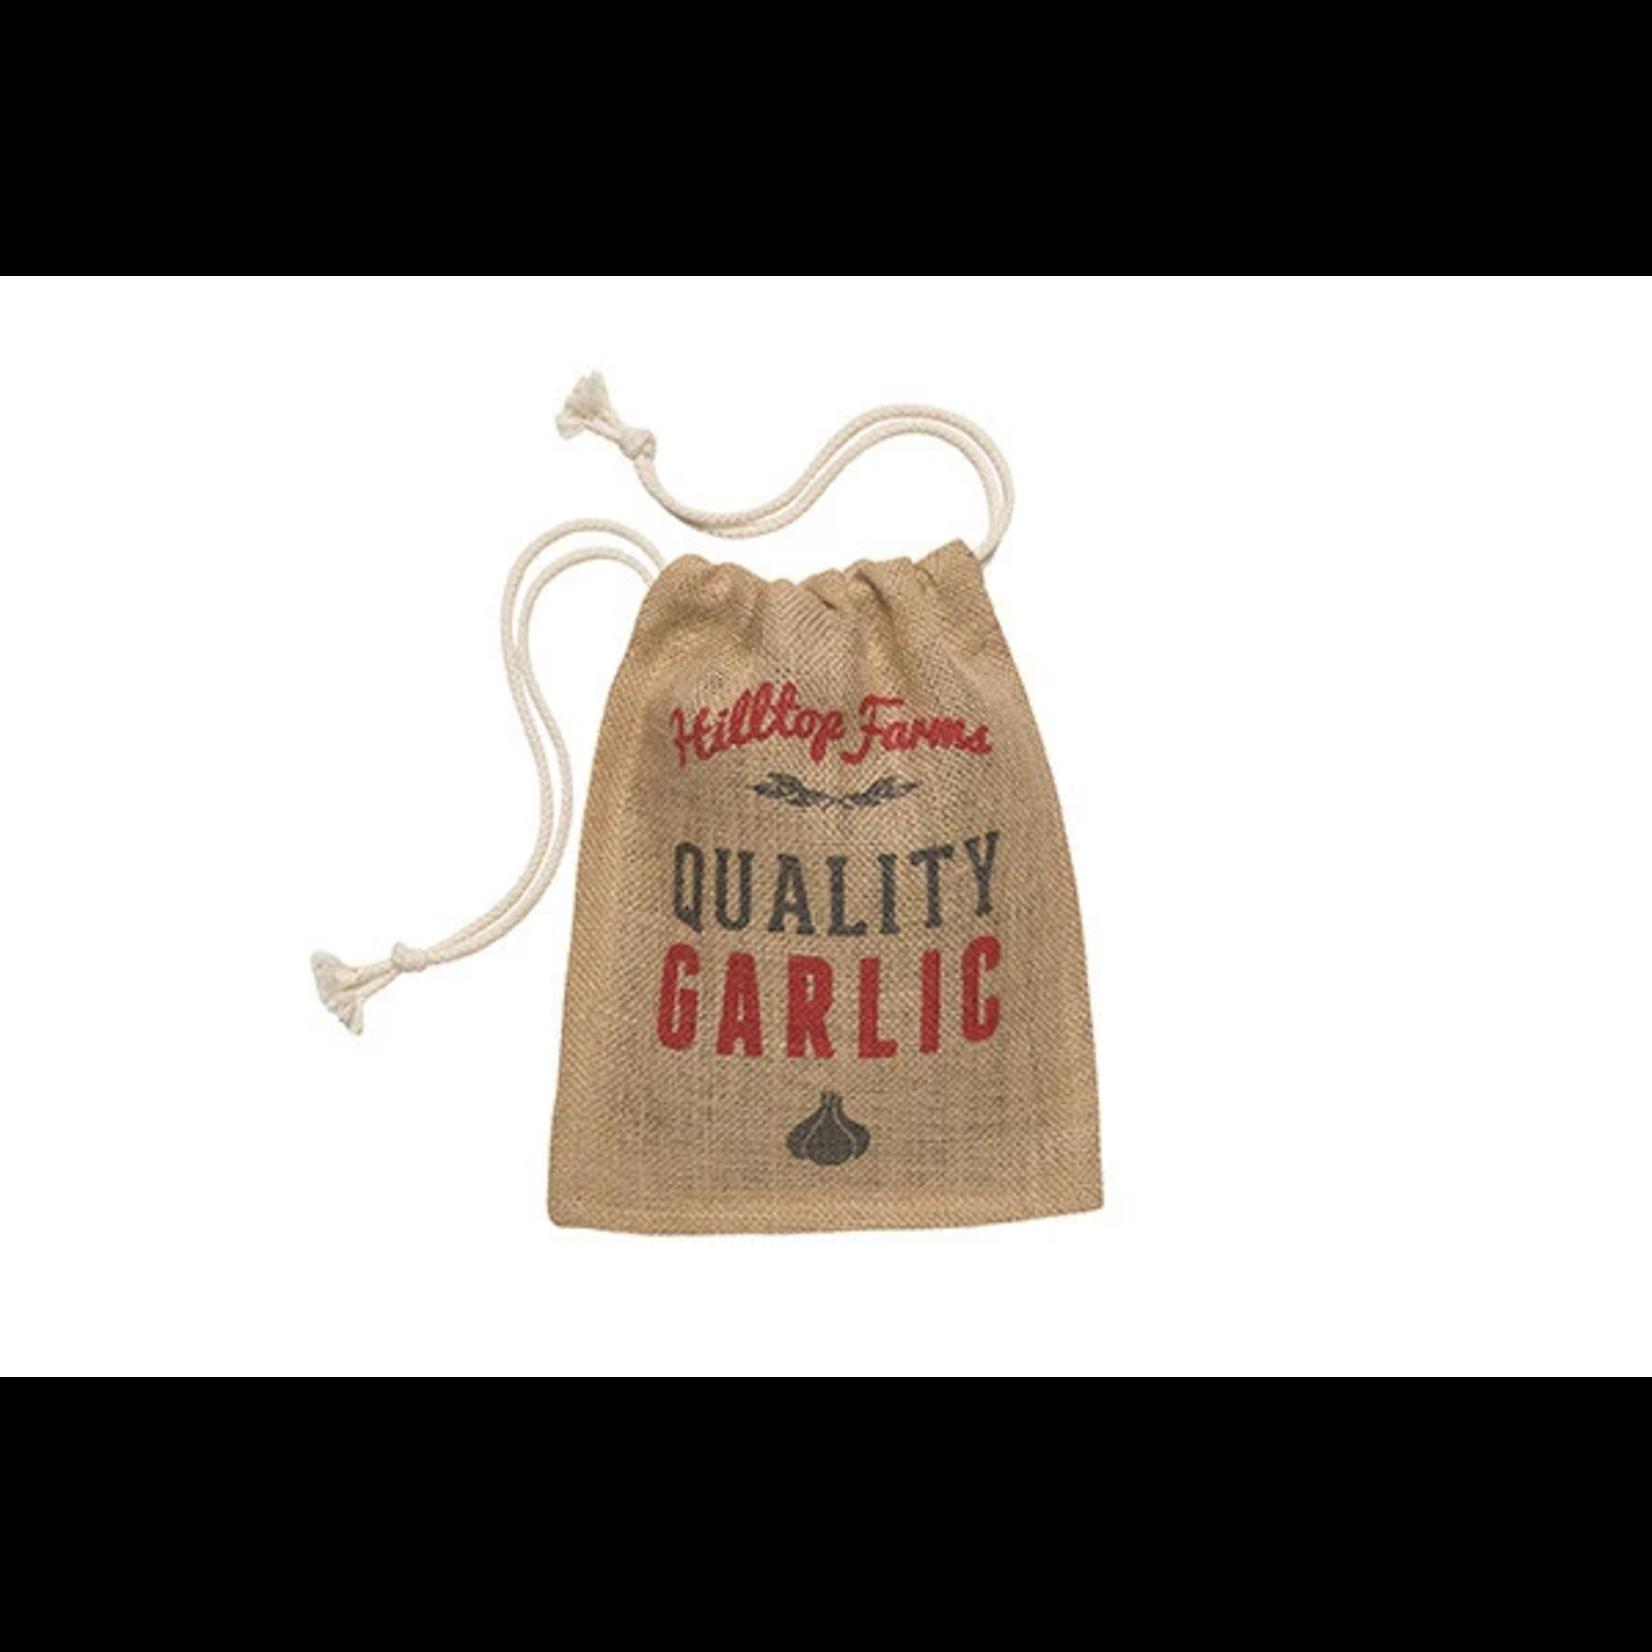 Retro Kitchen Retro Kitchen Garlic bag